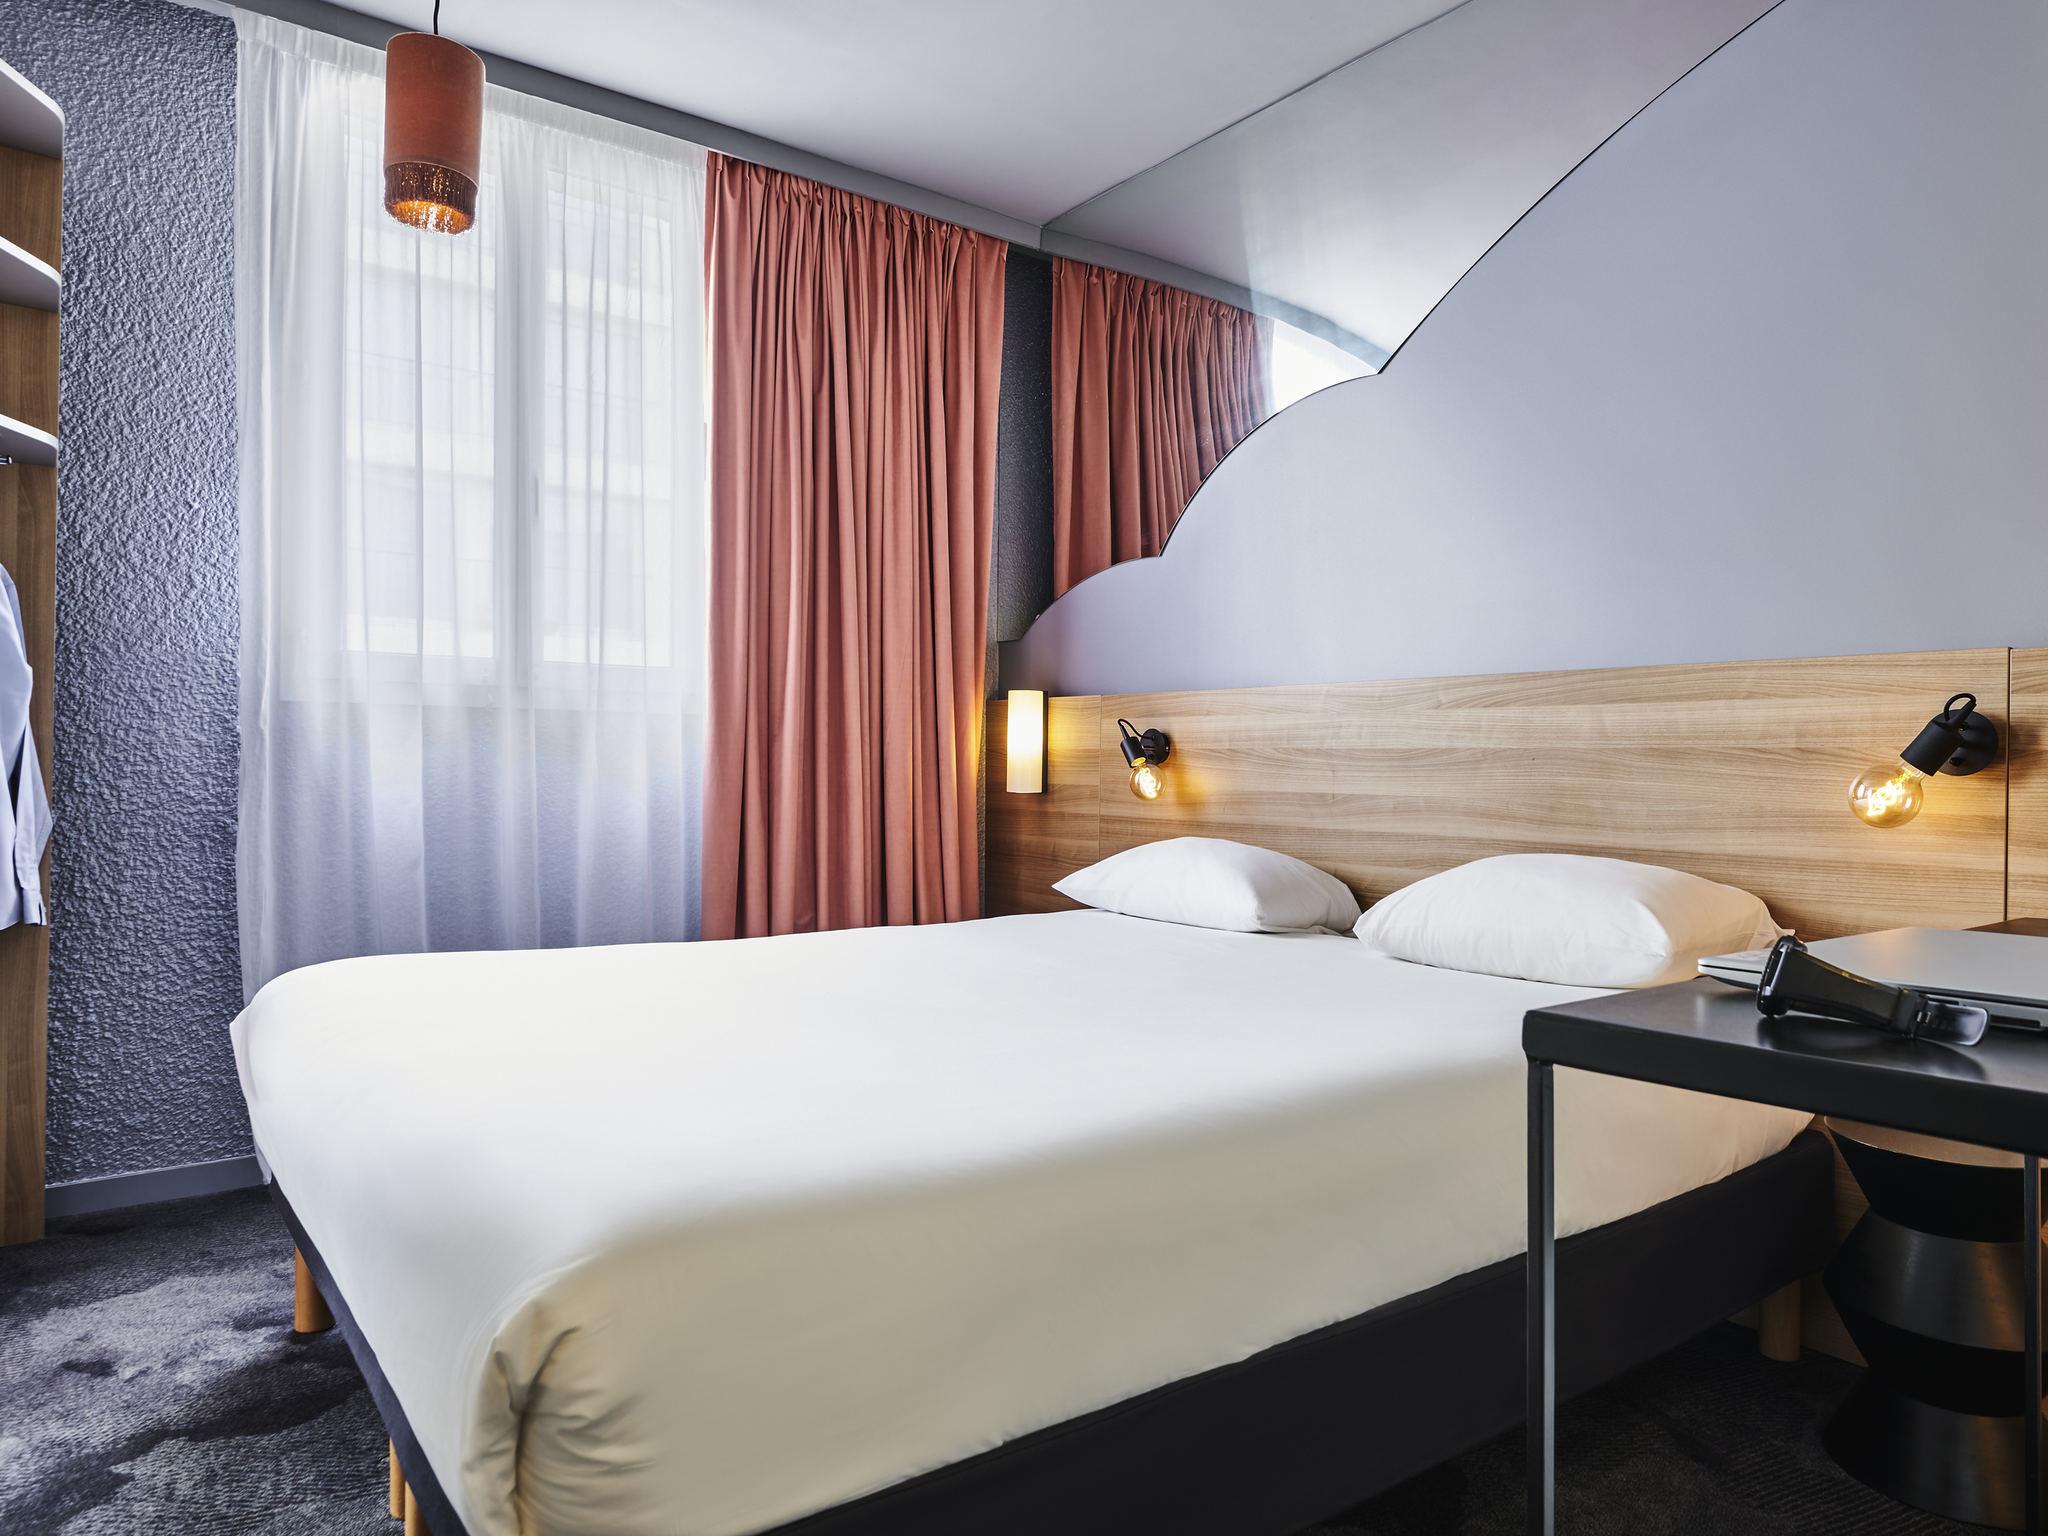 โรงแรม – ไอบิส สไตล์ ปารีส อเลเชีย มงต์ปาร์นาส